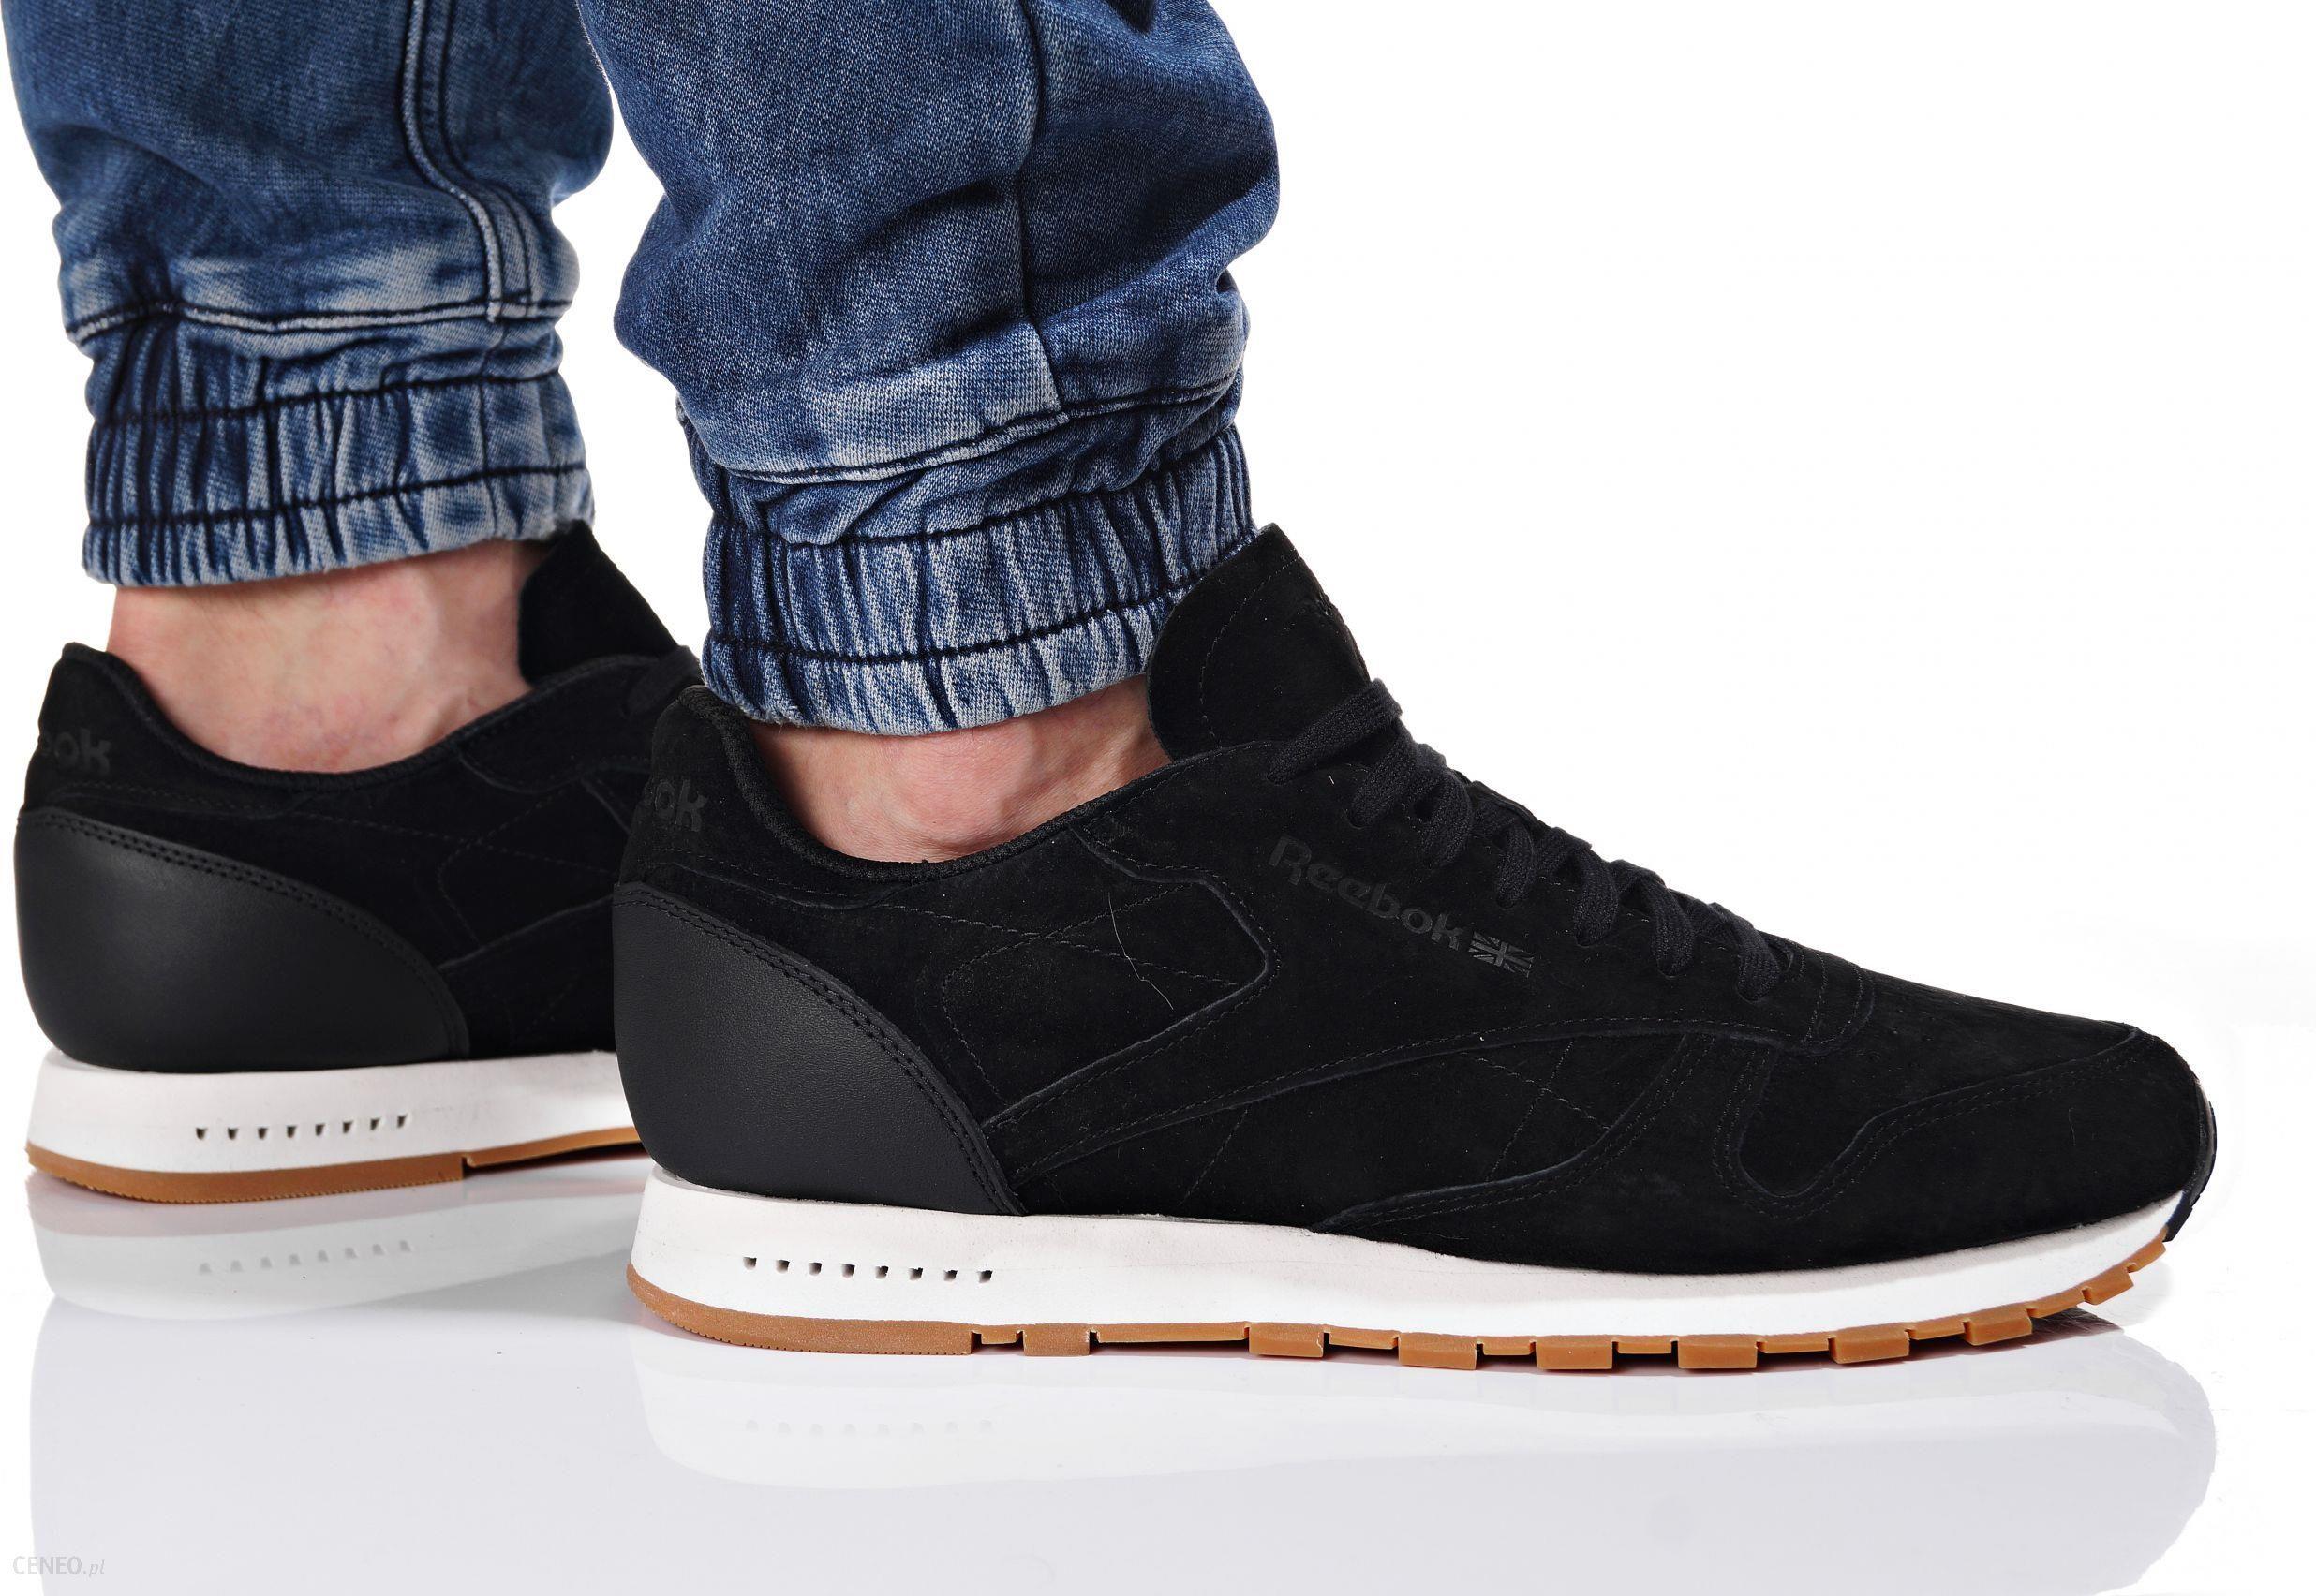 Buty męskie Reebok Classic Leather BS7892 41 Ceny i opinie Ceneo.pl